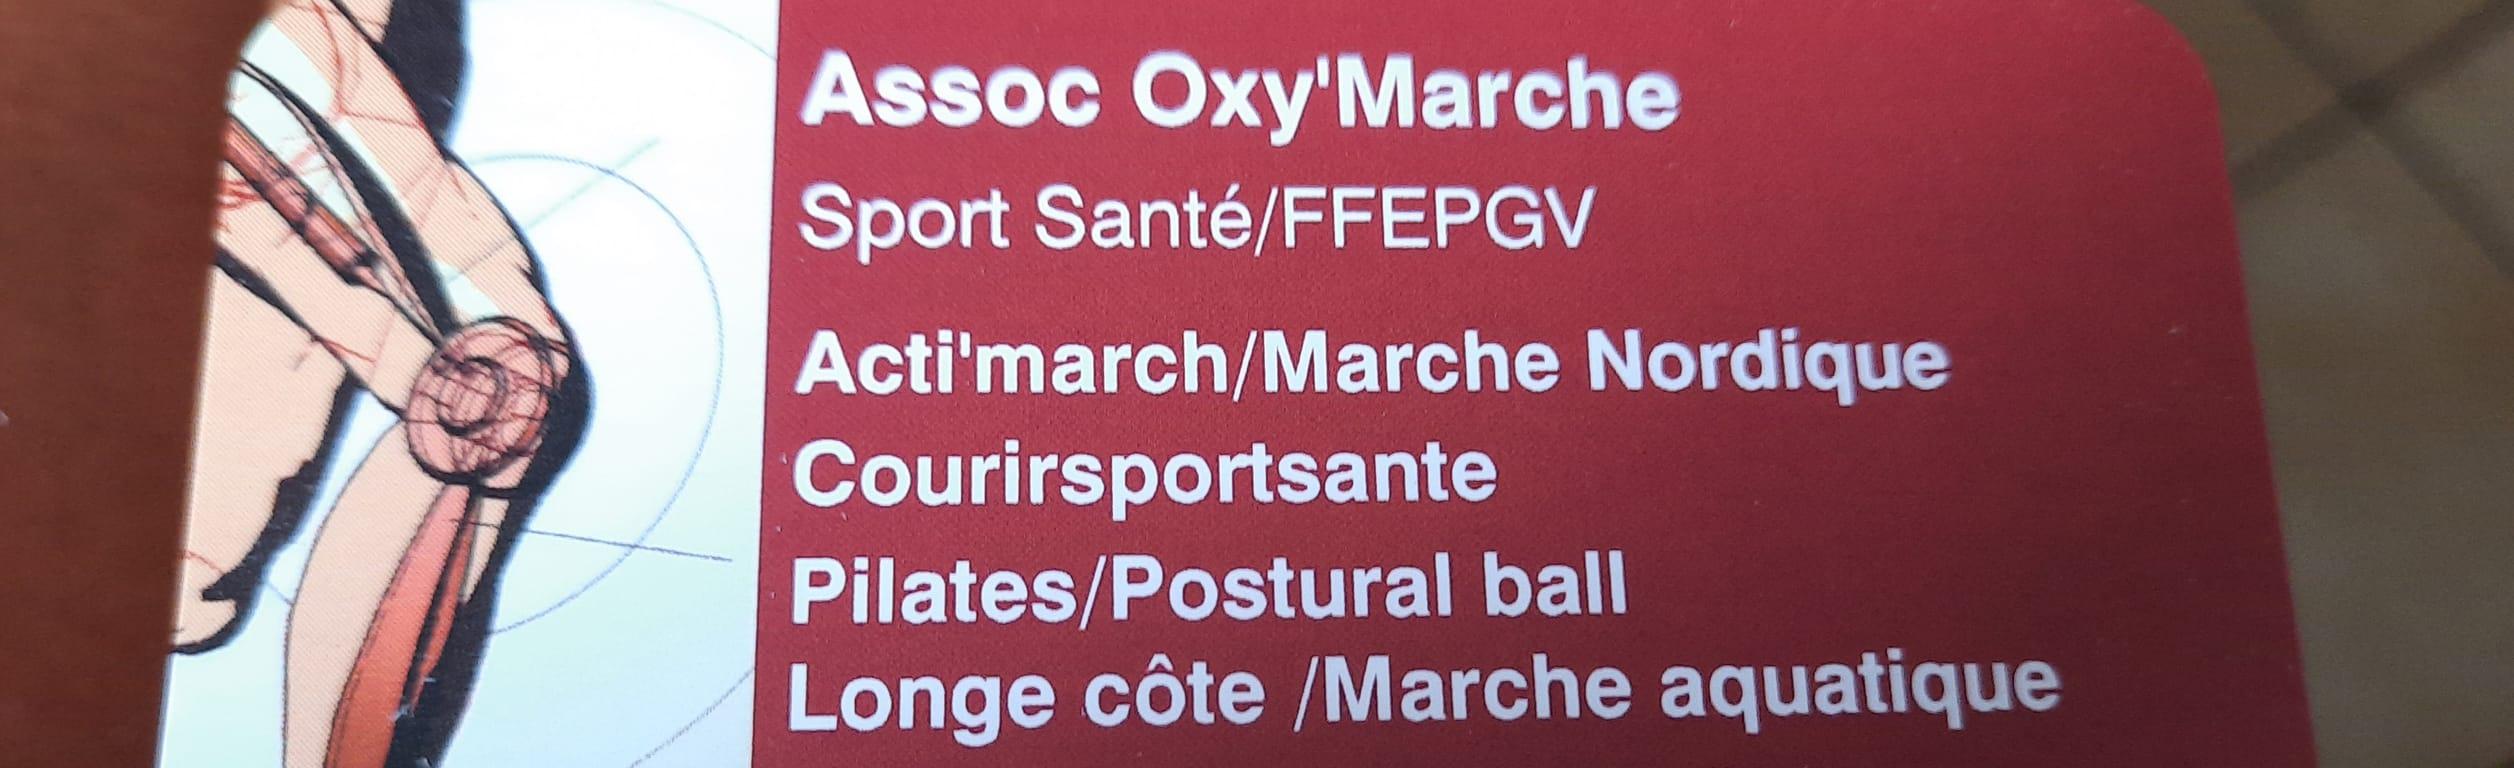 Oxy'marche